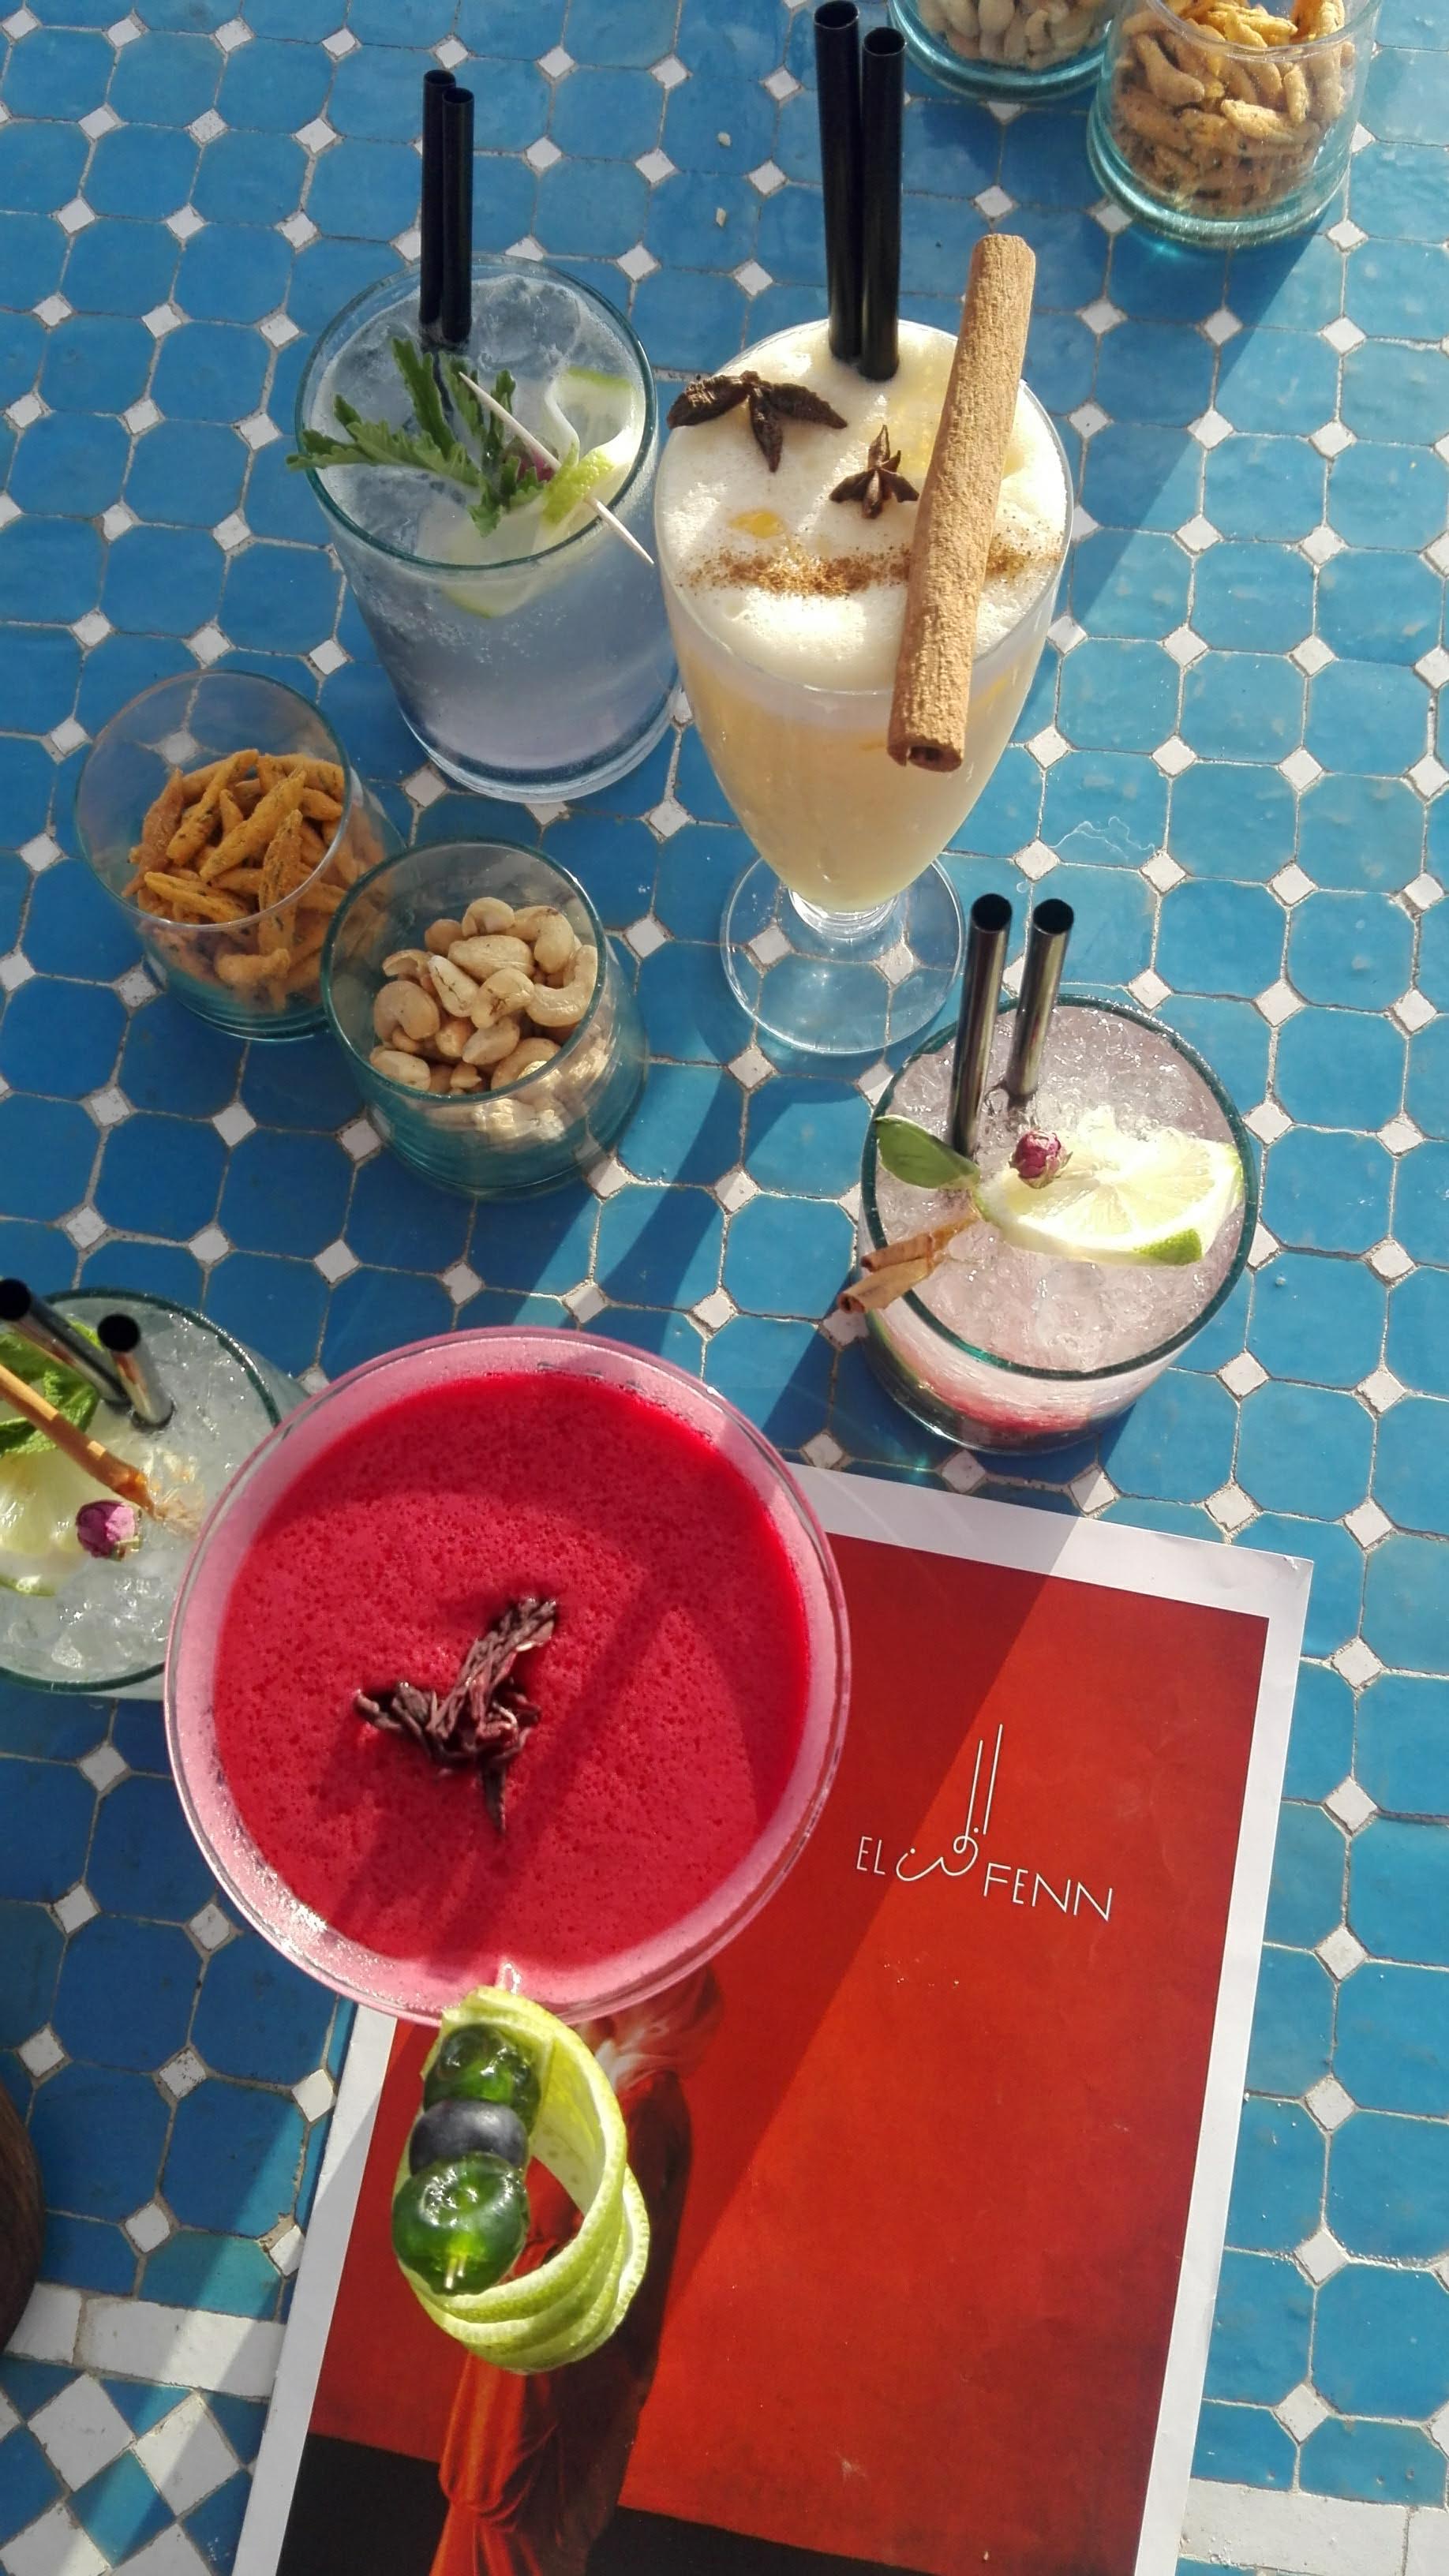 elfenn-cocktails.jpg